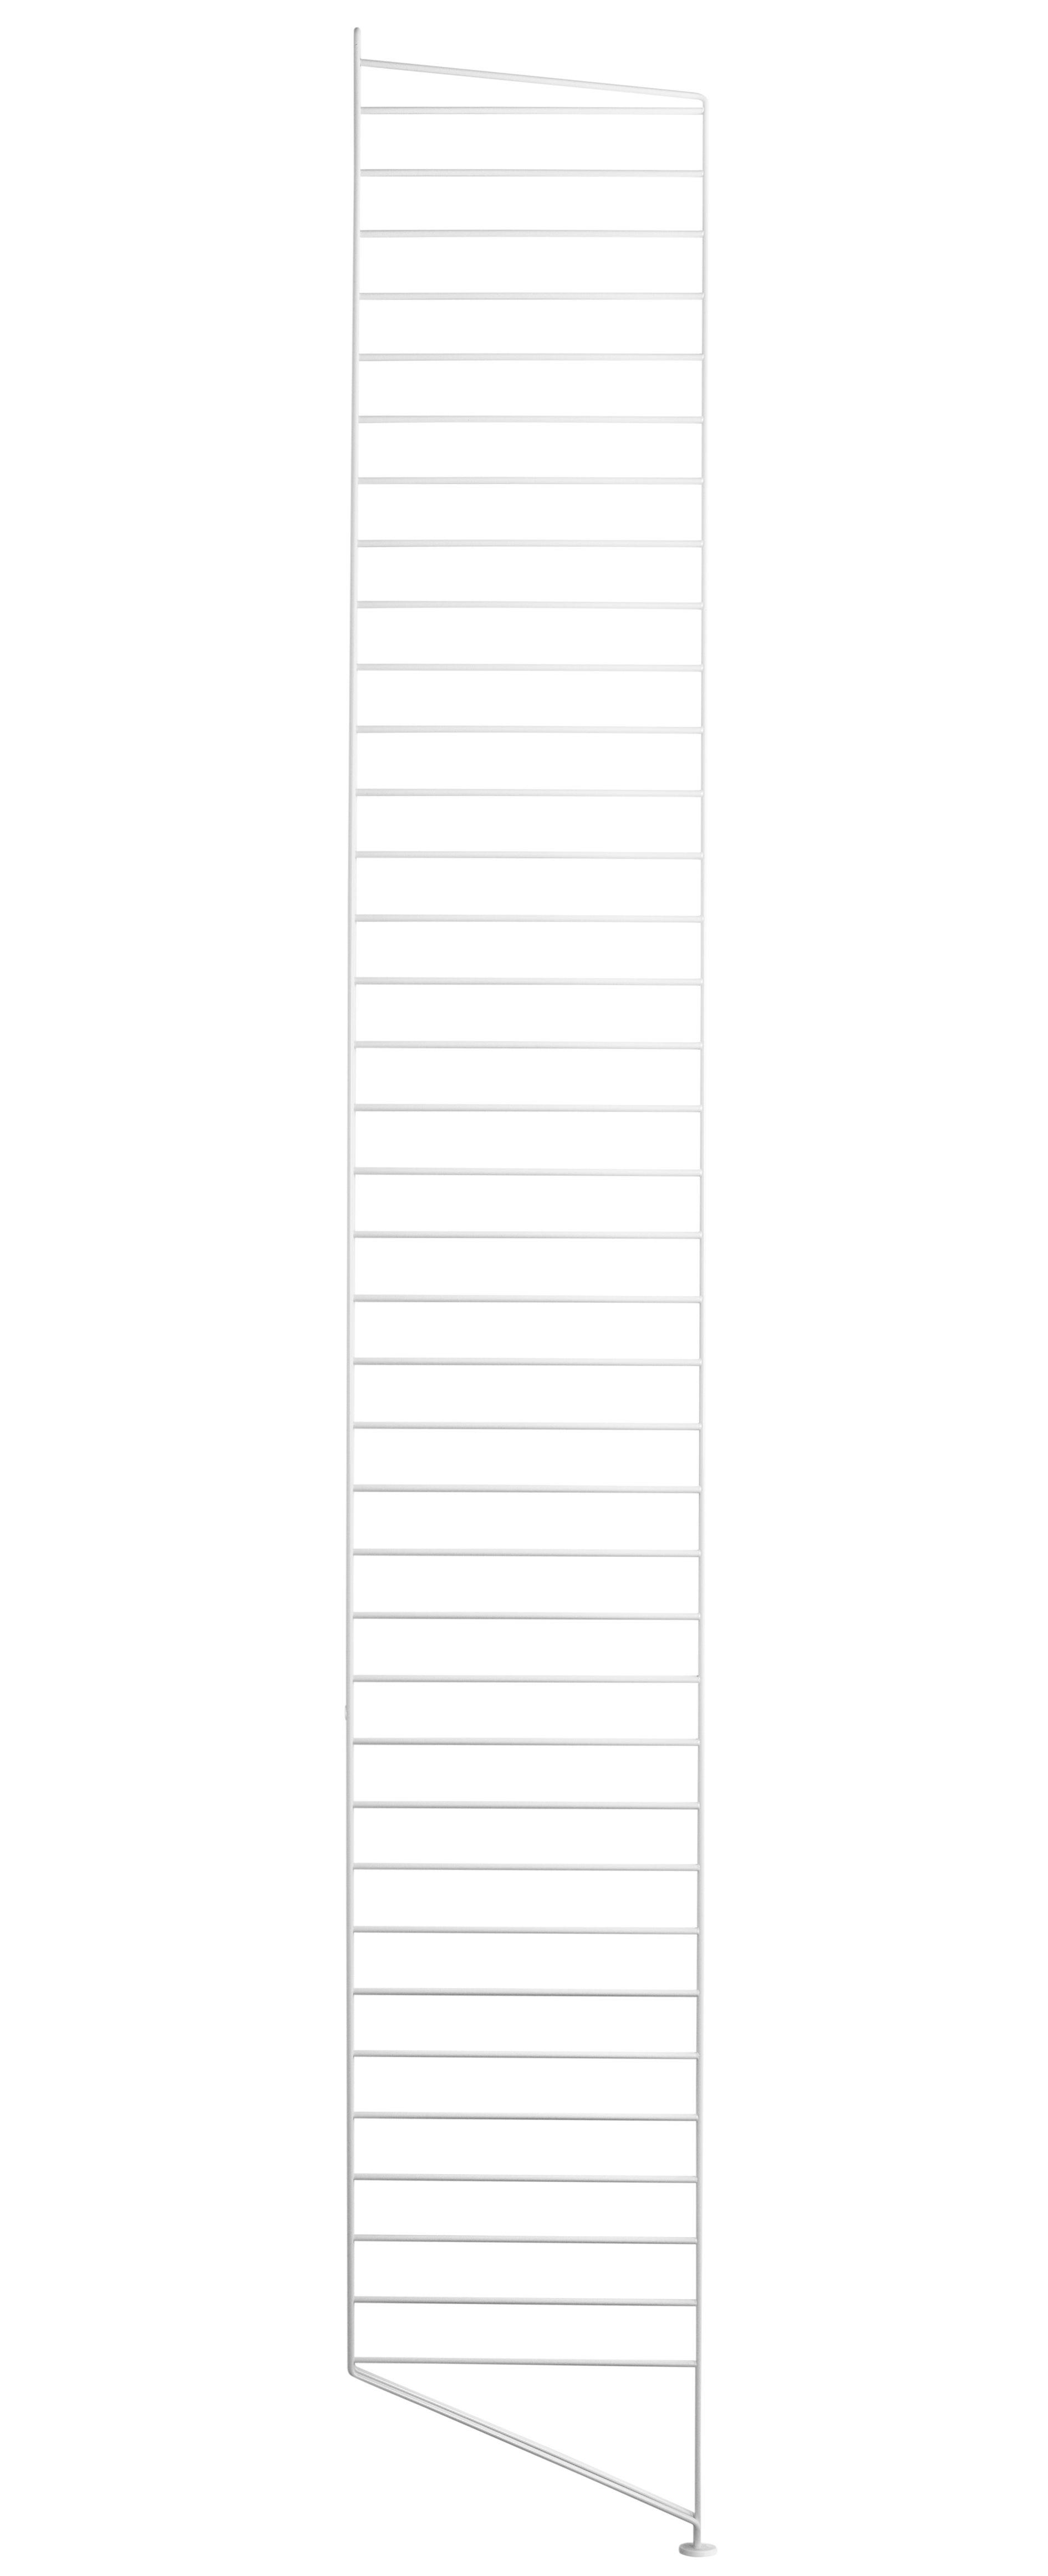 Möbel - Regale und Bücherregale - String system Seitenelement - String Furniture - einzelne Zusatzhalterung / weiß - lackierter Stahl